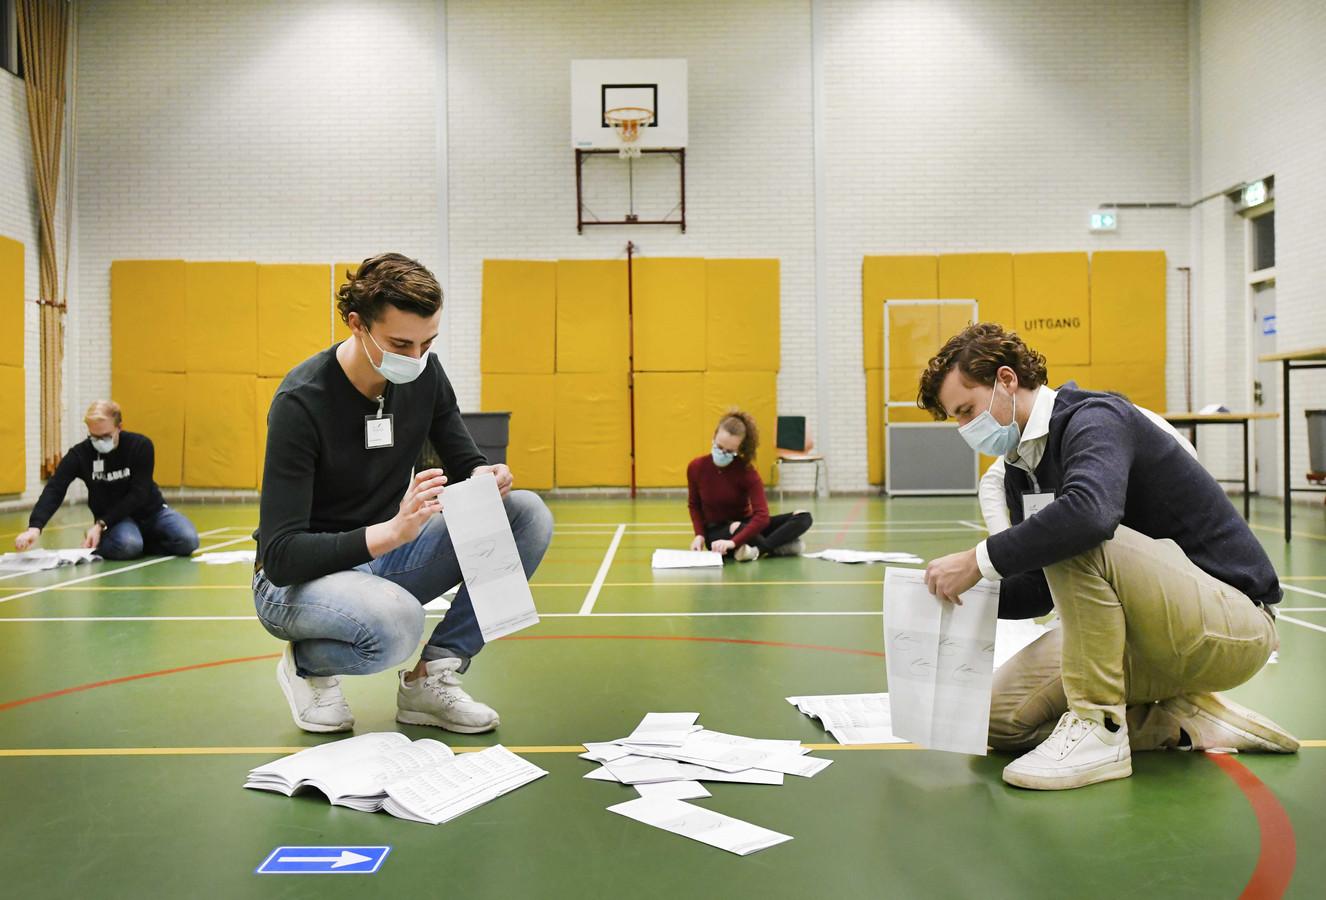 Tellen van de stemmen op 2College Durendael in Oisterwijk.